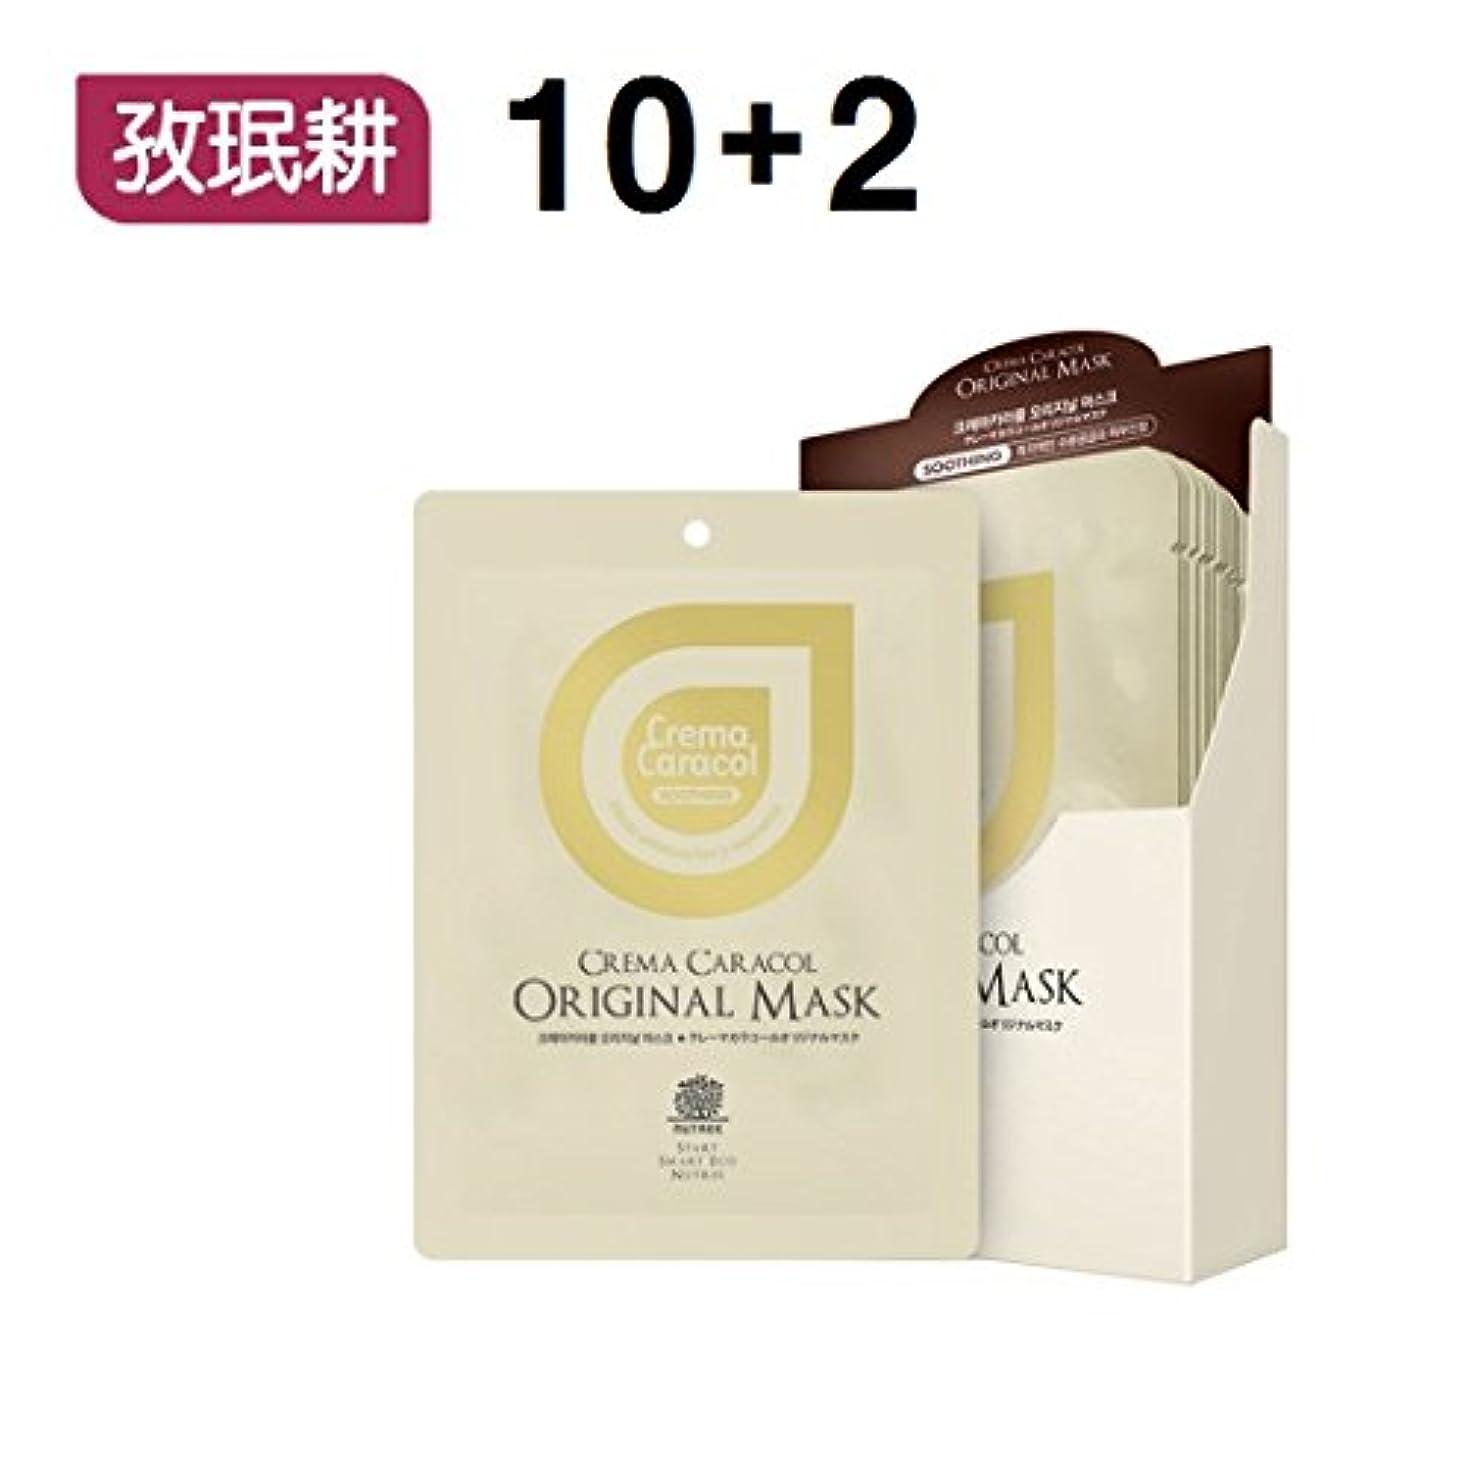 スプーン入口晩餐Jaminkyung Crema Caracol Original Mask 10+2 / ジャミンギョン クレマカラコールオリジナルマスク 10+2 [並行輸入品]